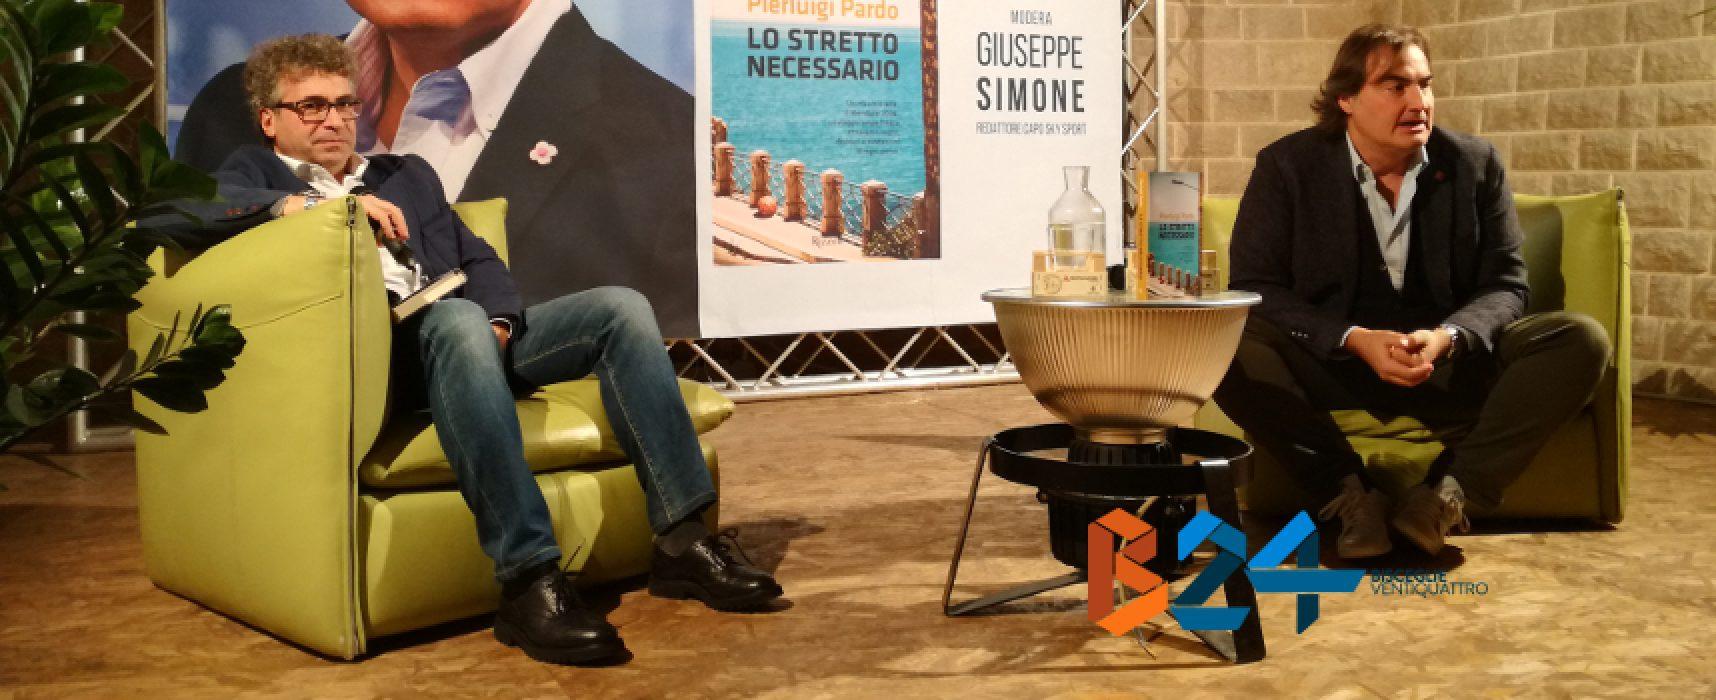 """""""Lo stretto necessario"""", Pierluigi Pardo presenta il suo romanzo tra ironia e malinconia / VIDEO"""